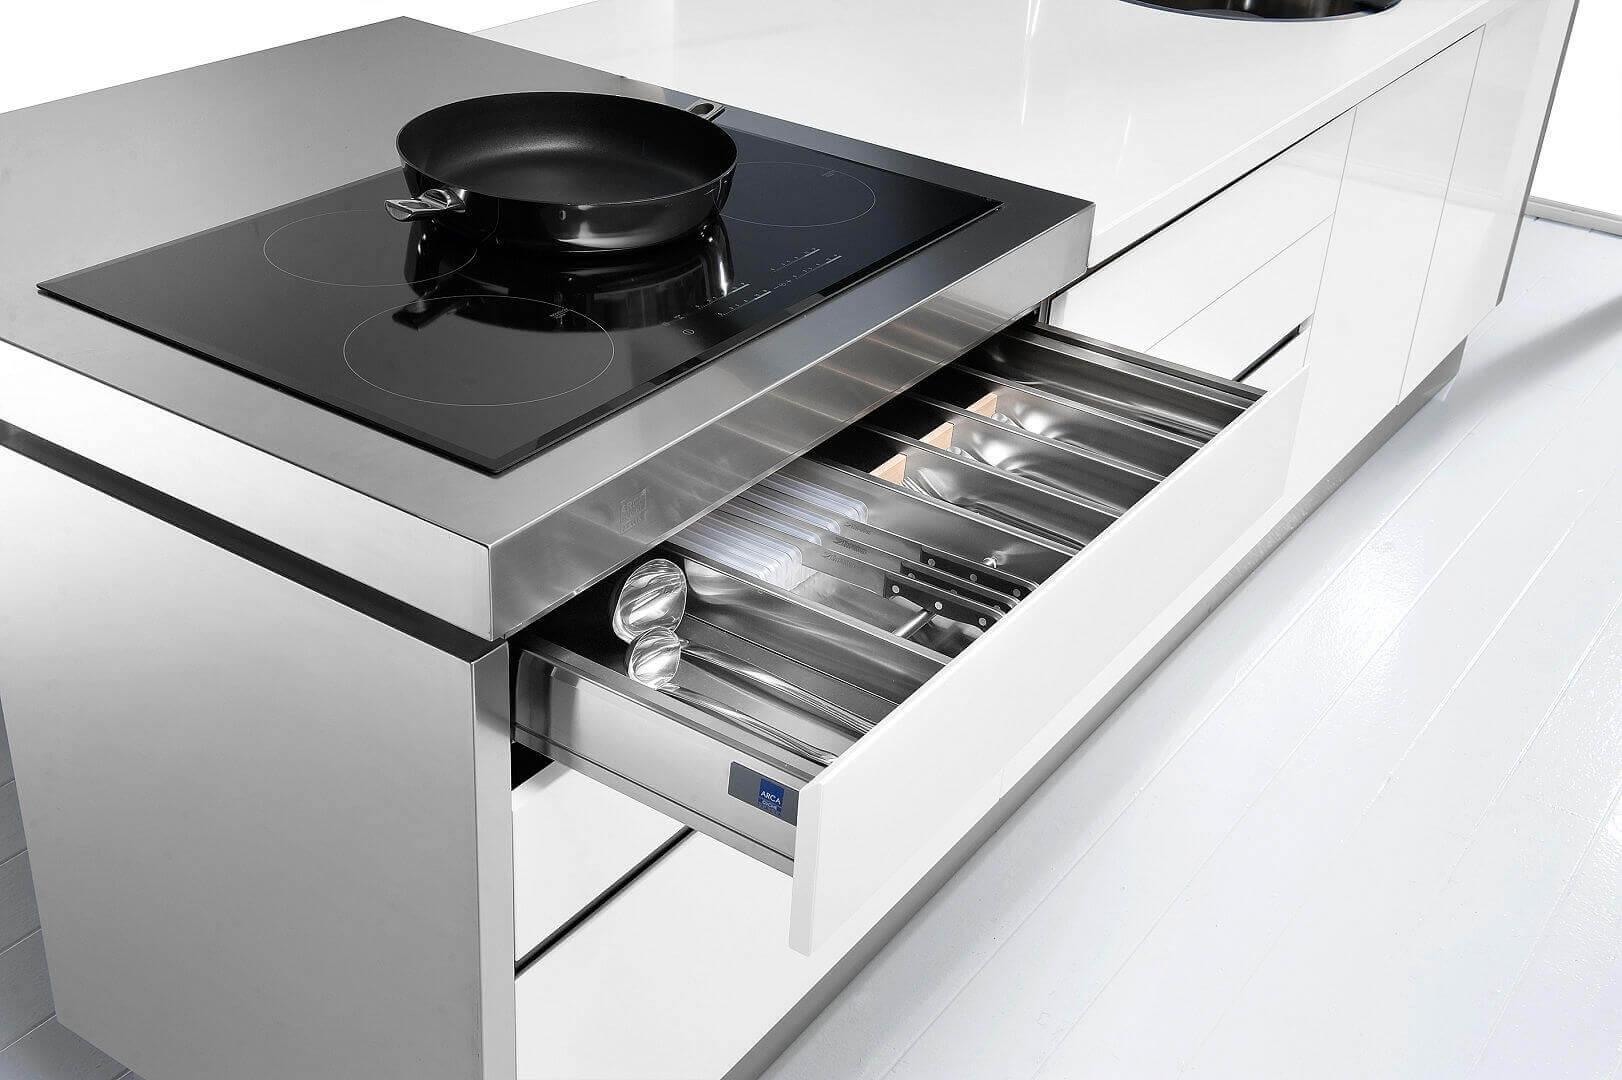 Arca Cucine Italia - Cassetto Porta Posate con Divisori in acciaio Inox, Illuminazione Led e Chiusura Frenante